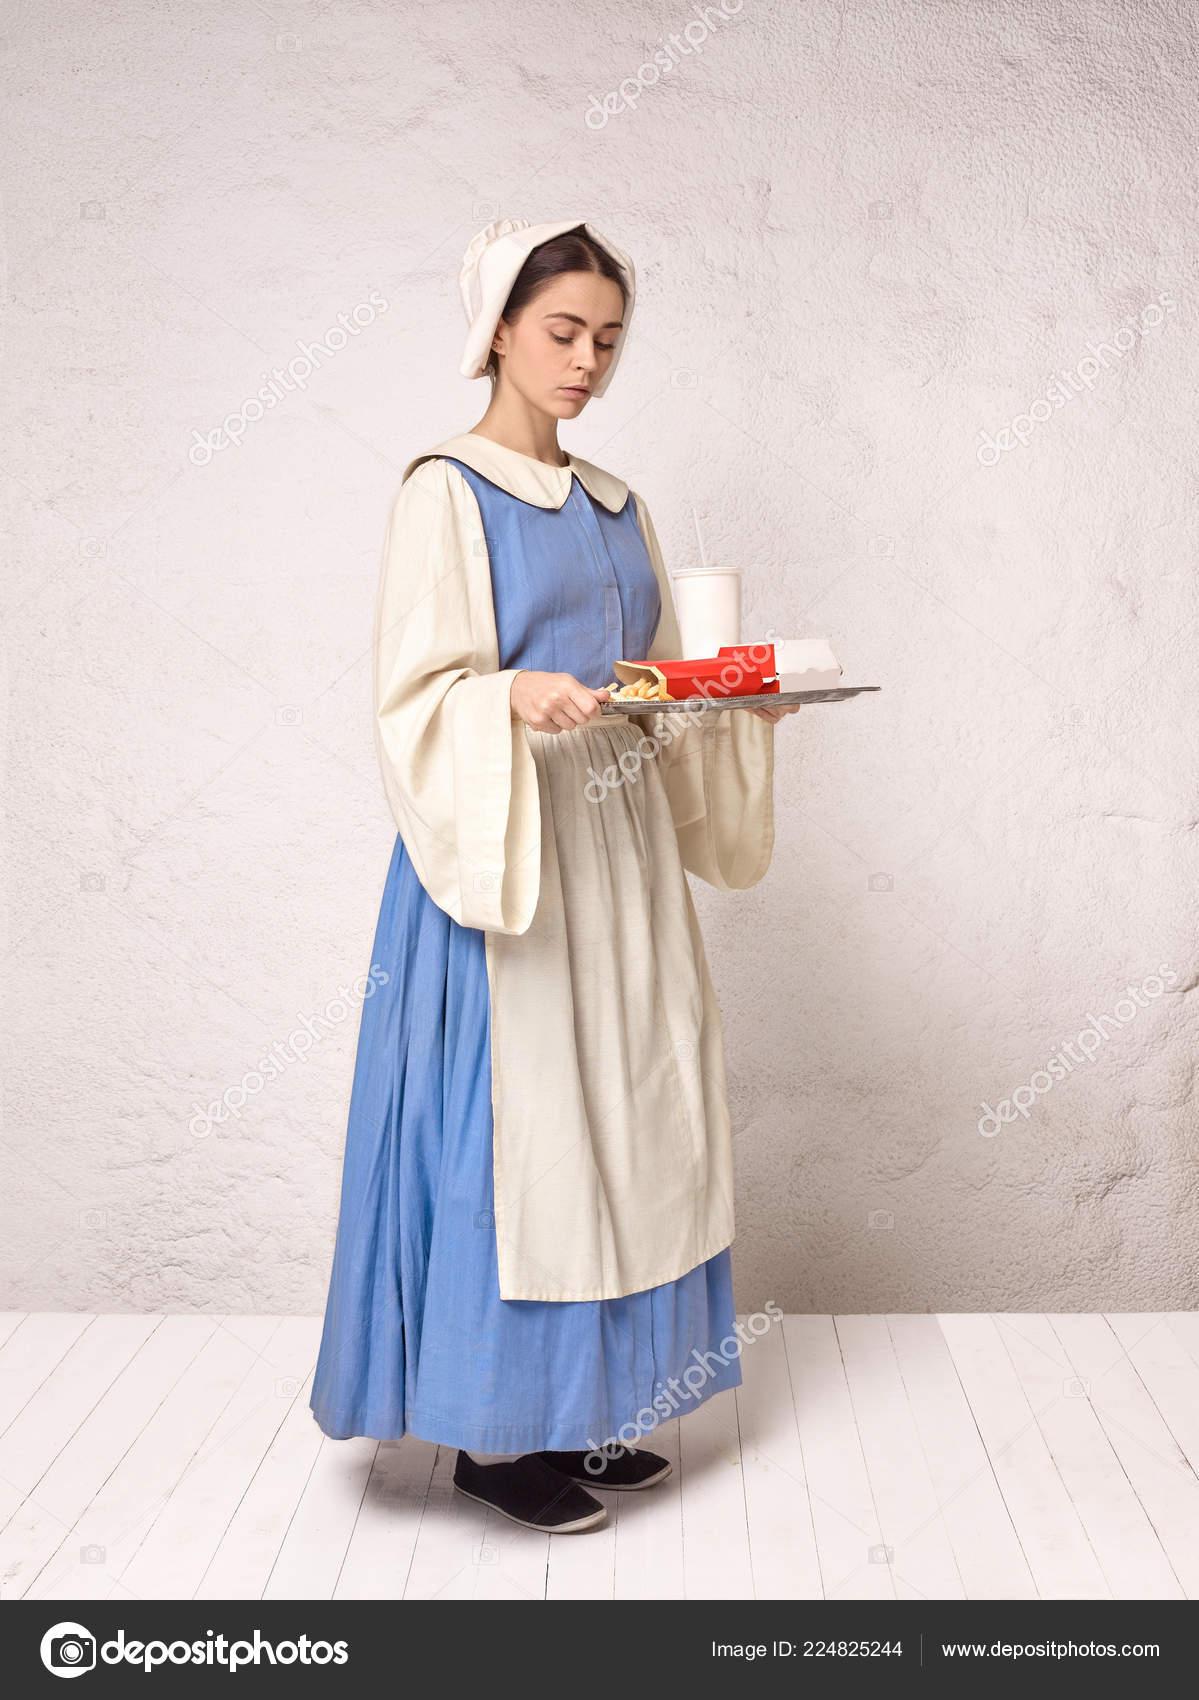 f7c2e8e89 Medieval mulher em traje histórico vestindo espartilho vestido e chapéu. Linda  camponesa usando fantasia de sapinhos — Fotografia por  vova130555 gmail.com